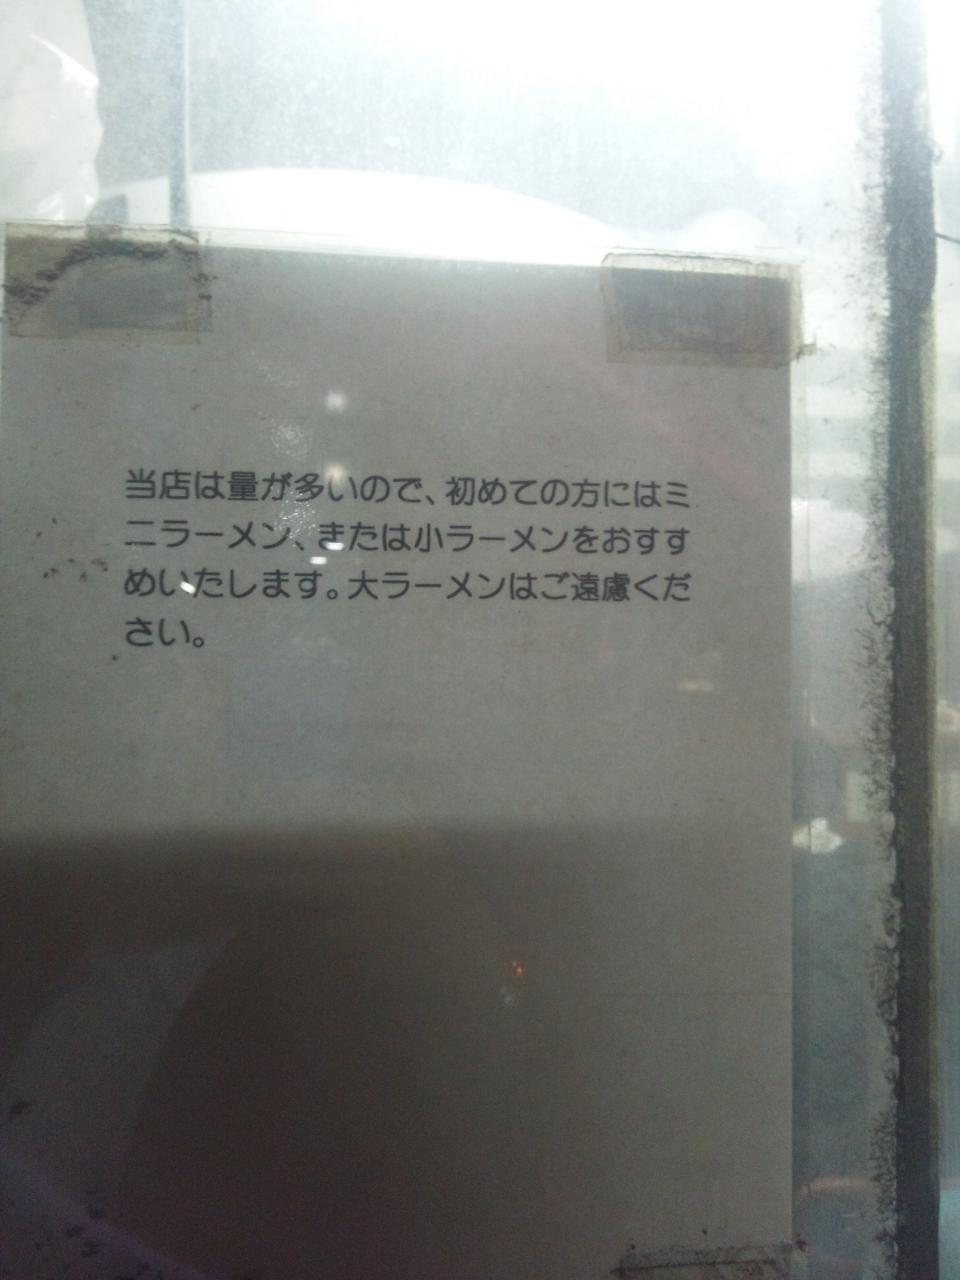 蓮爾さんこま店(注意書き)